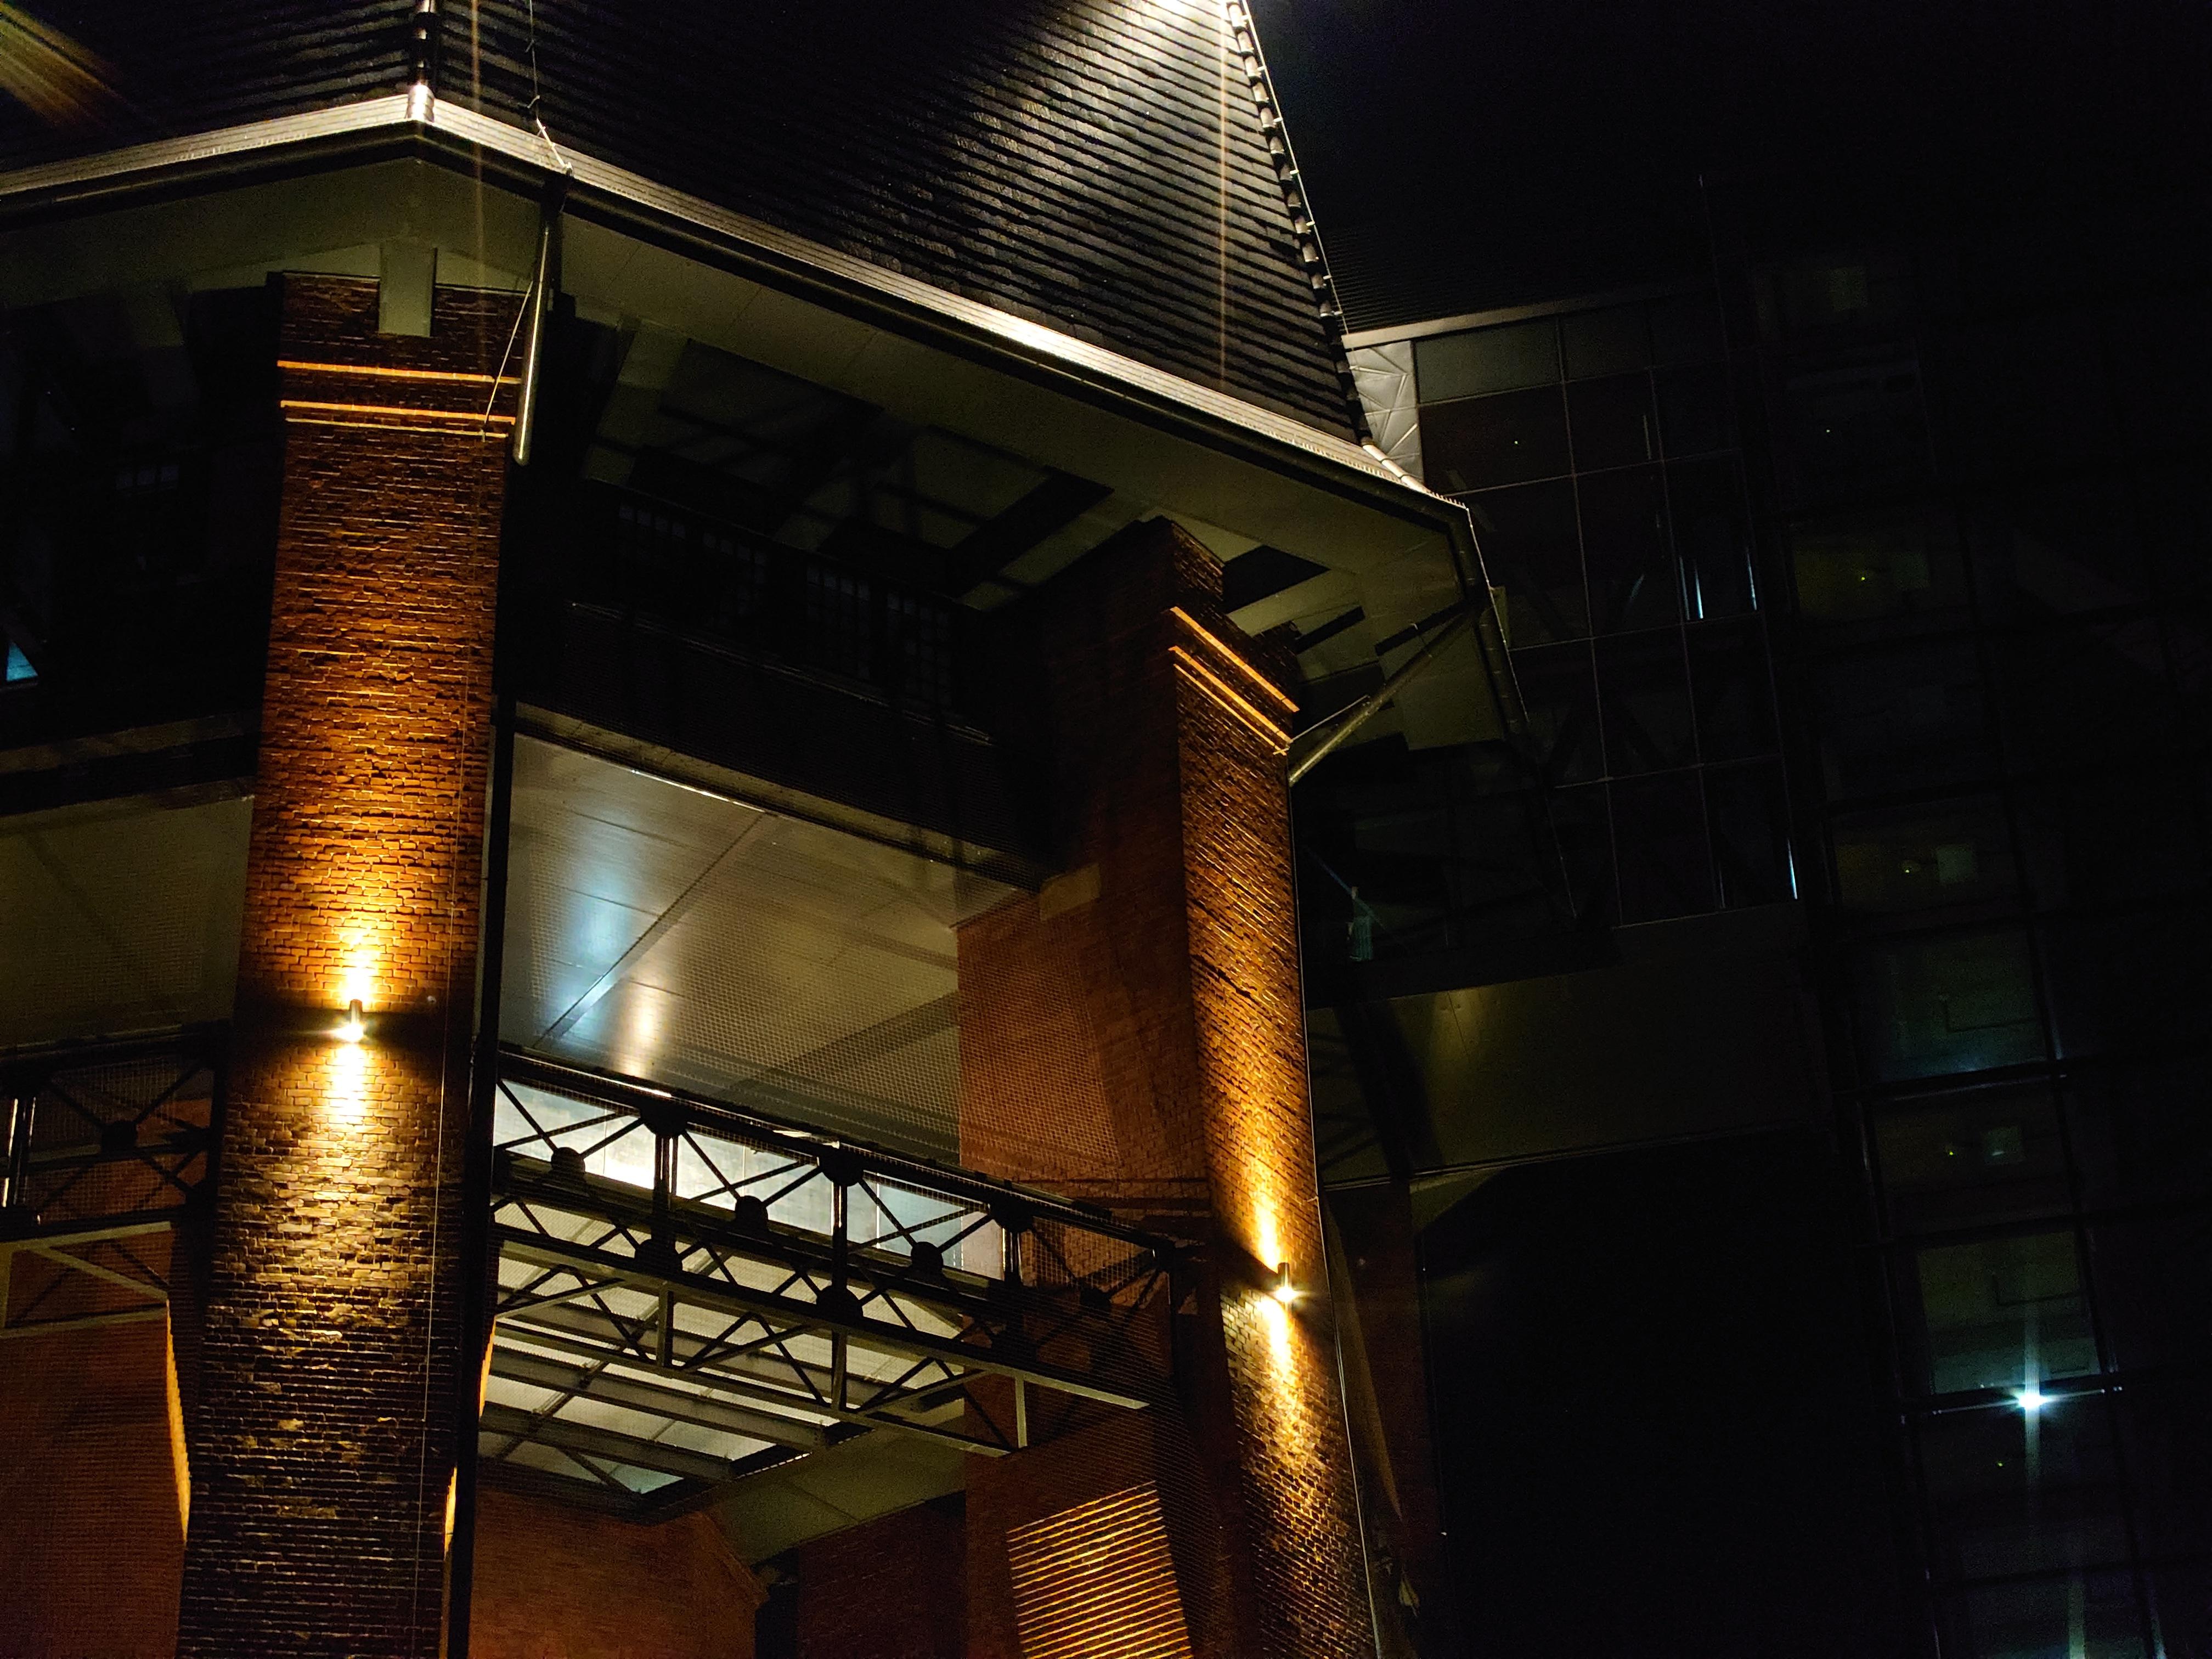 Sony Xperia 5 III - moje ulubione zdjęcie nocne :)